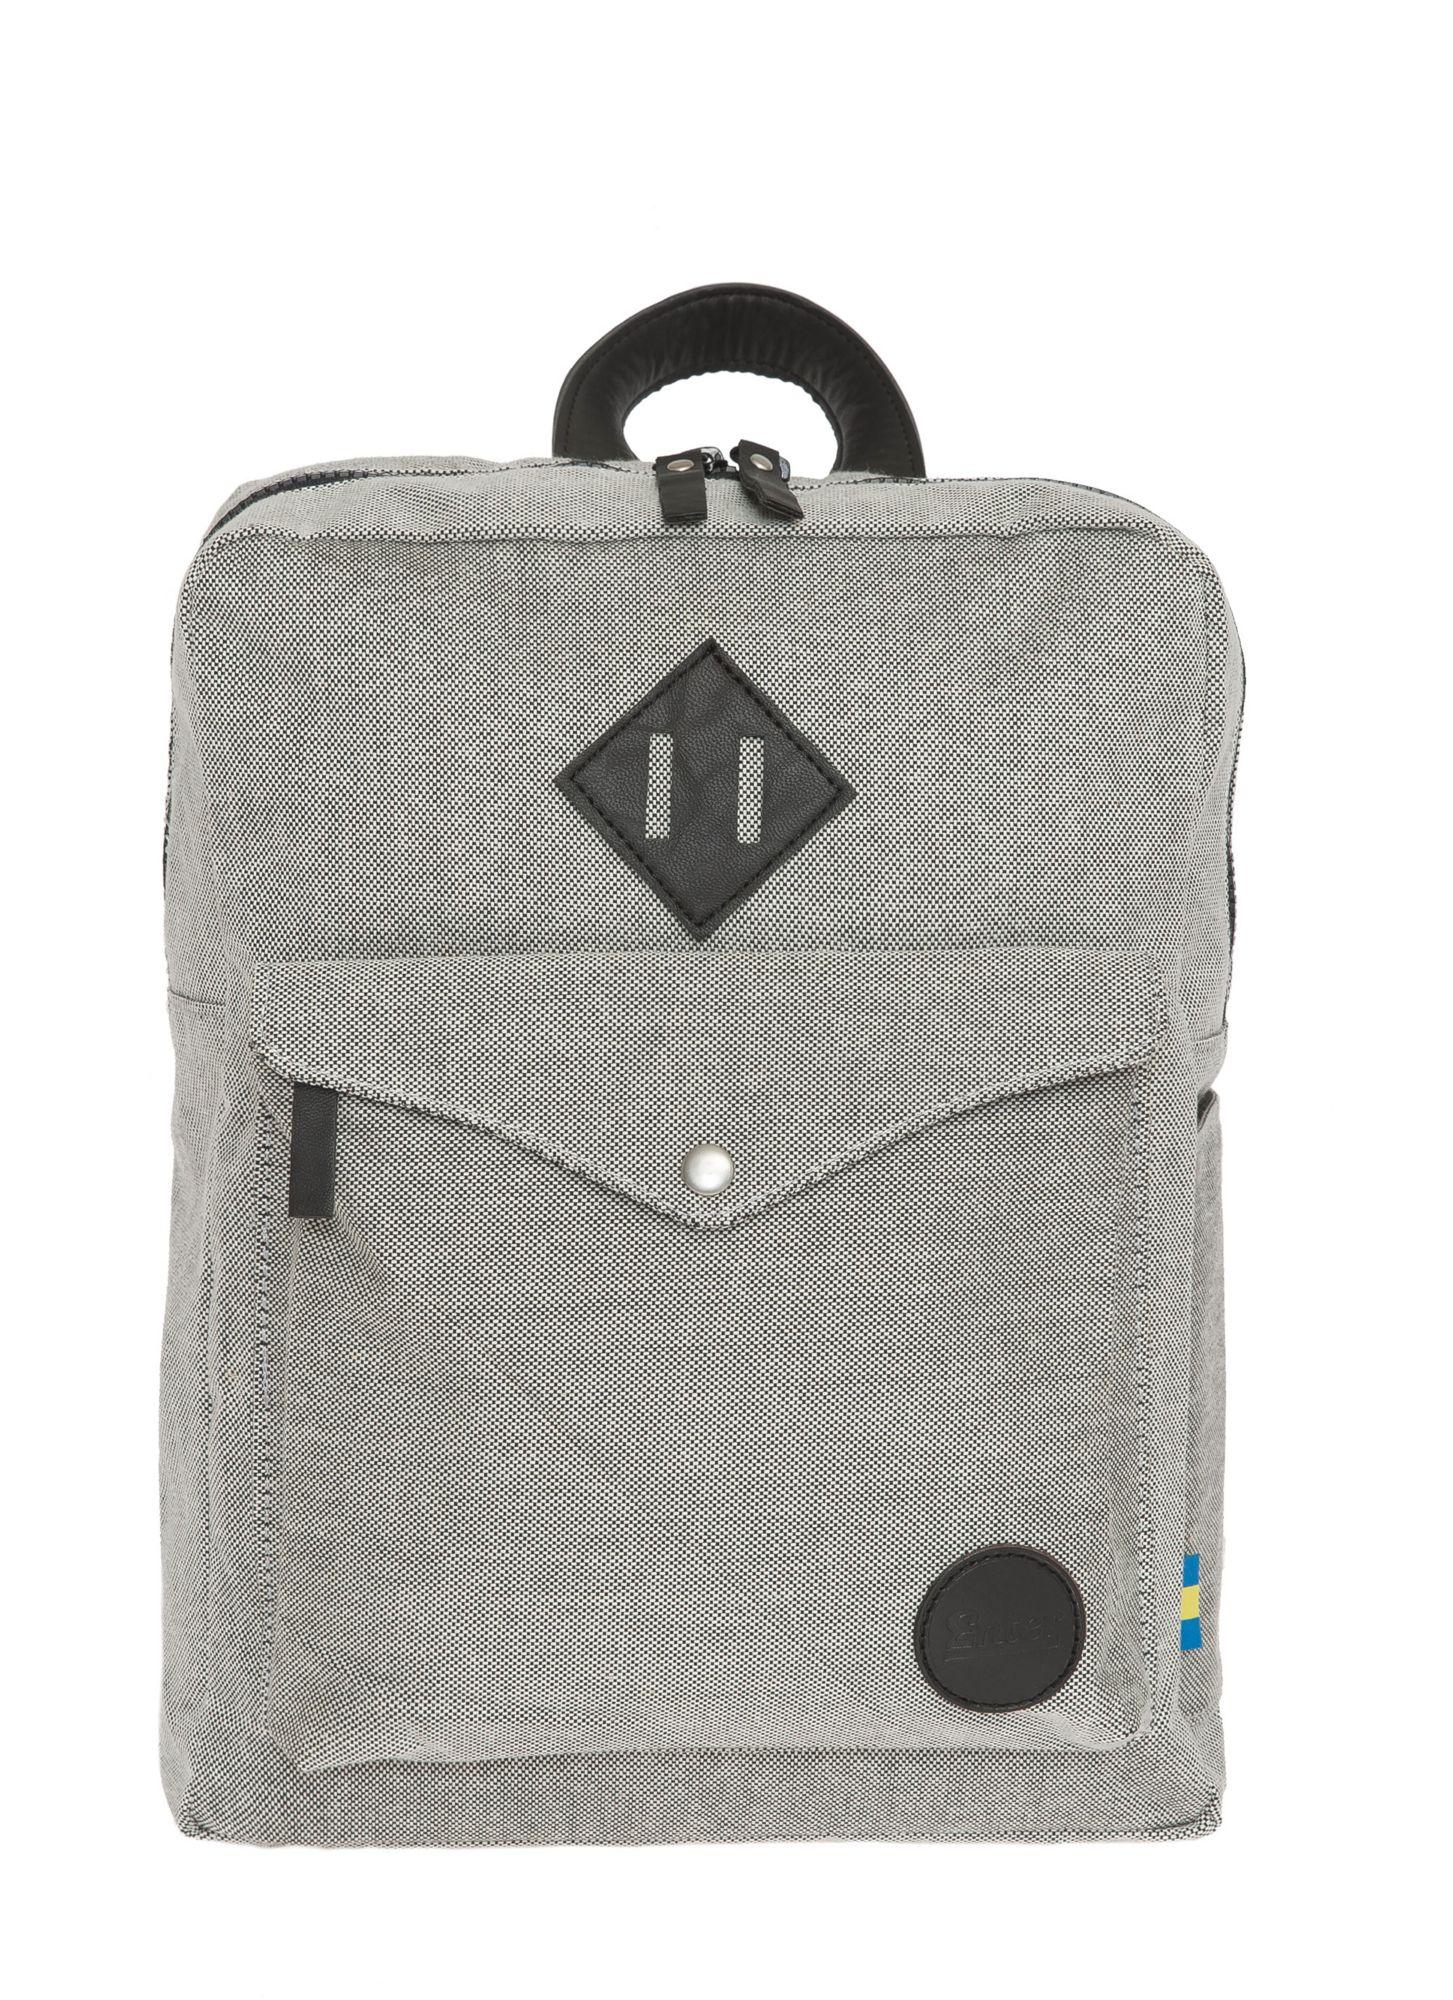 ENTER Enter Allzweck-Rucksack, »Sports Backpack Mini, Melange Grey«